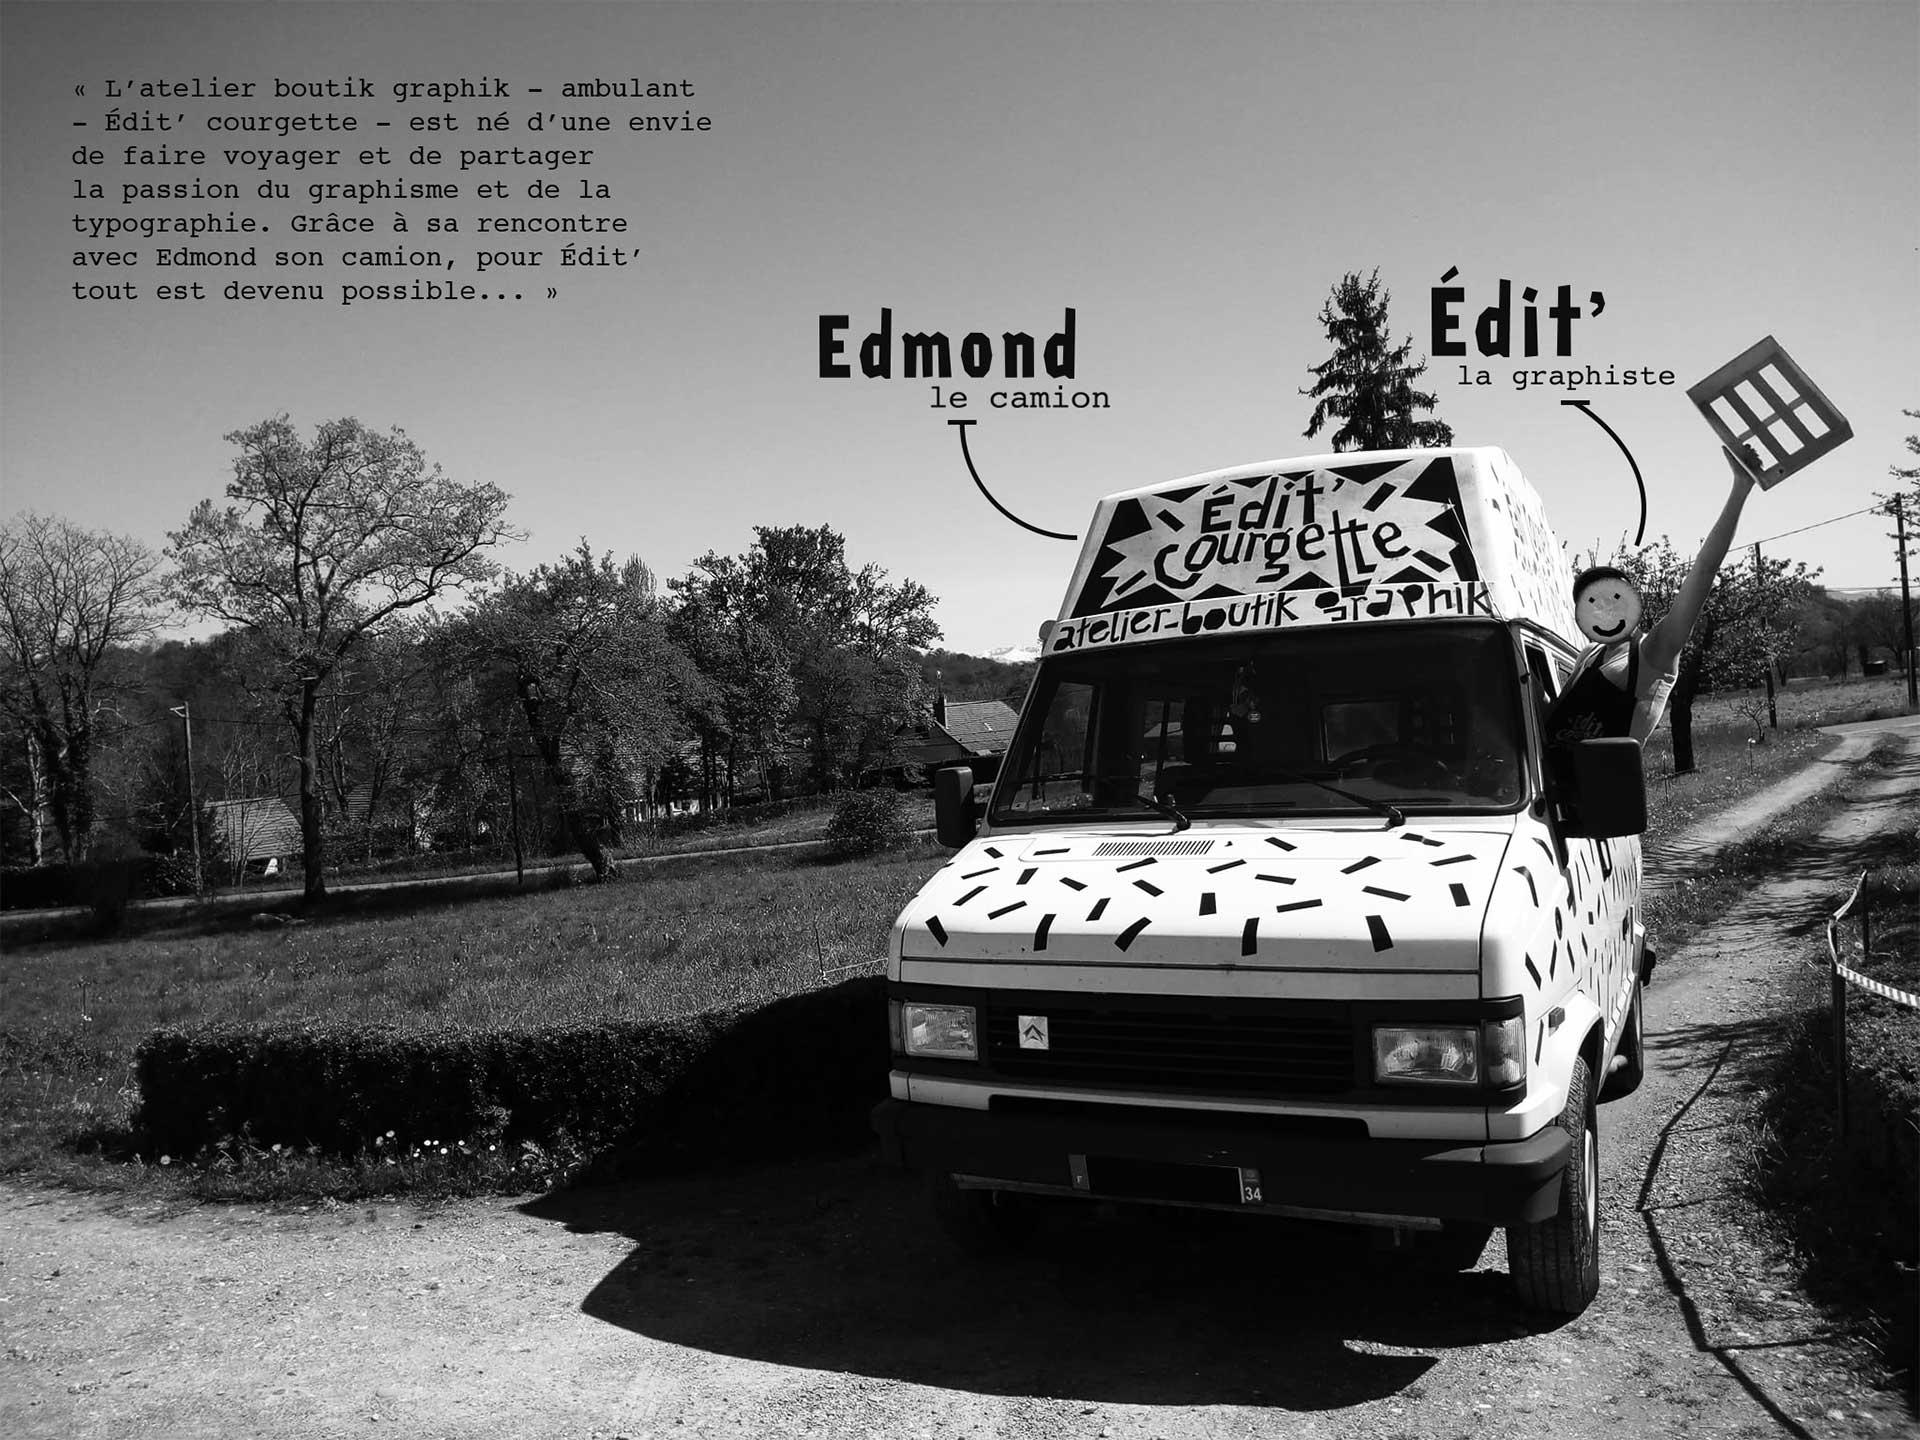 camion serigraphie Edit' Courgette servant d'atelier boutique graphique ambulant autour du graphisme et de la typographie pour des interventions en mileu soclaire et lieu culturel.